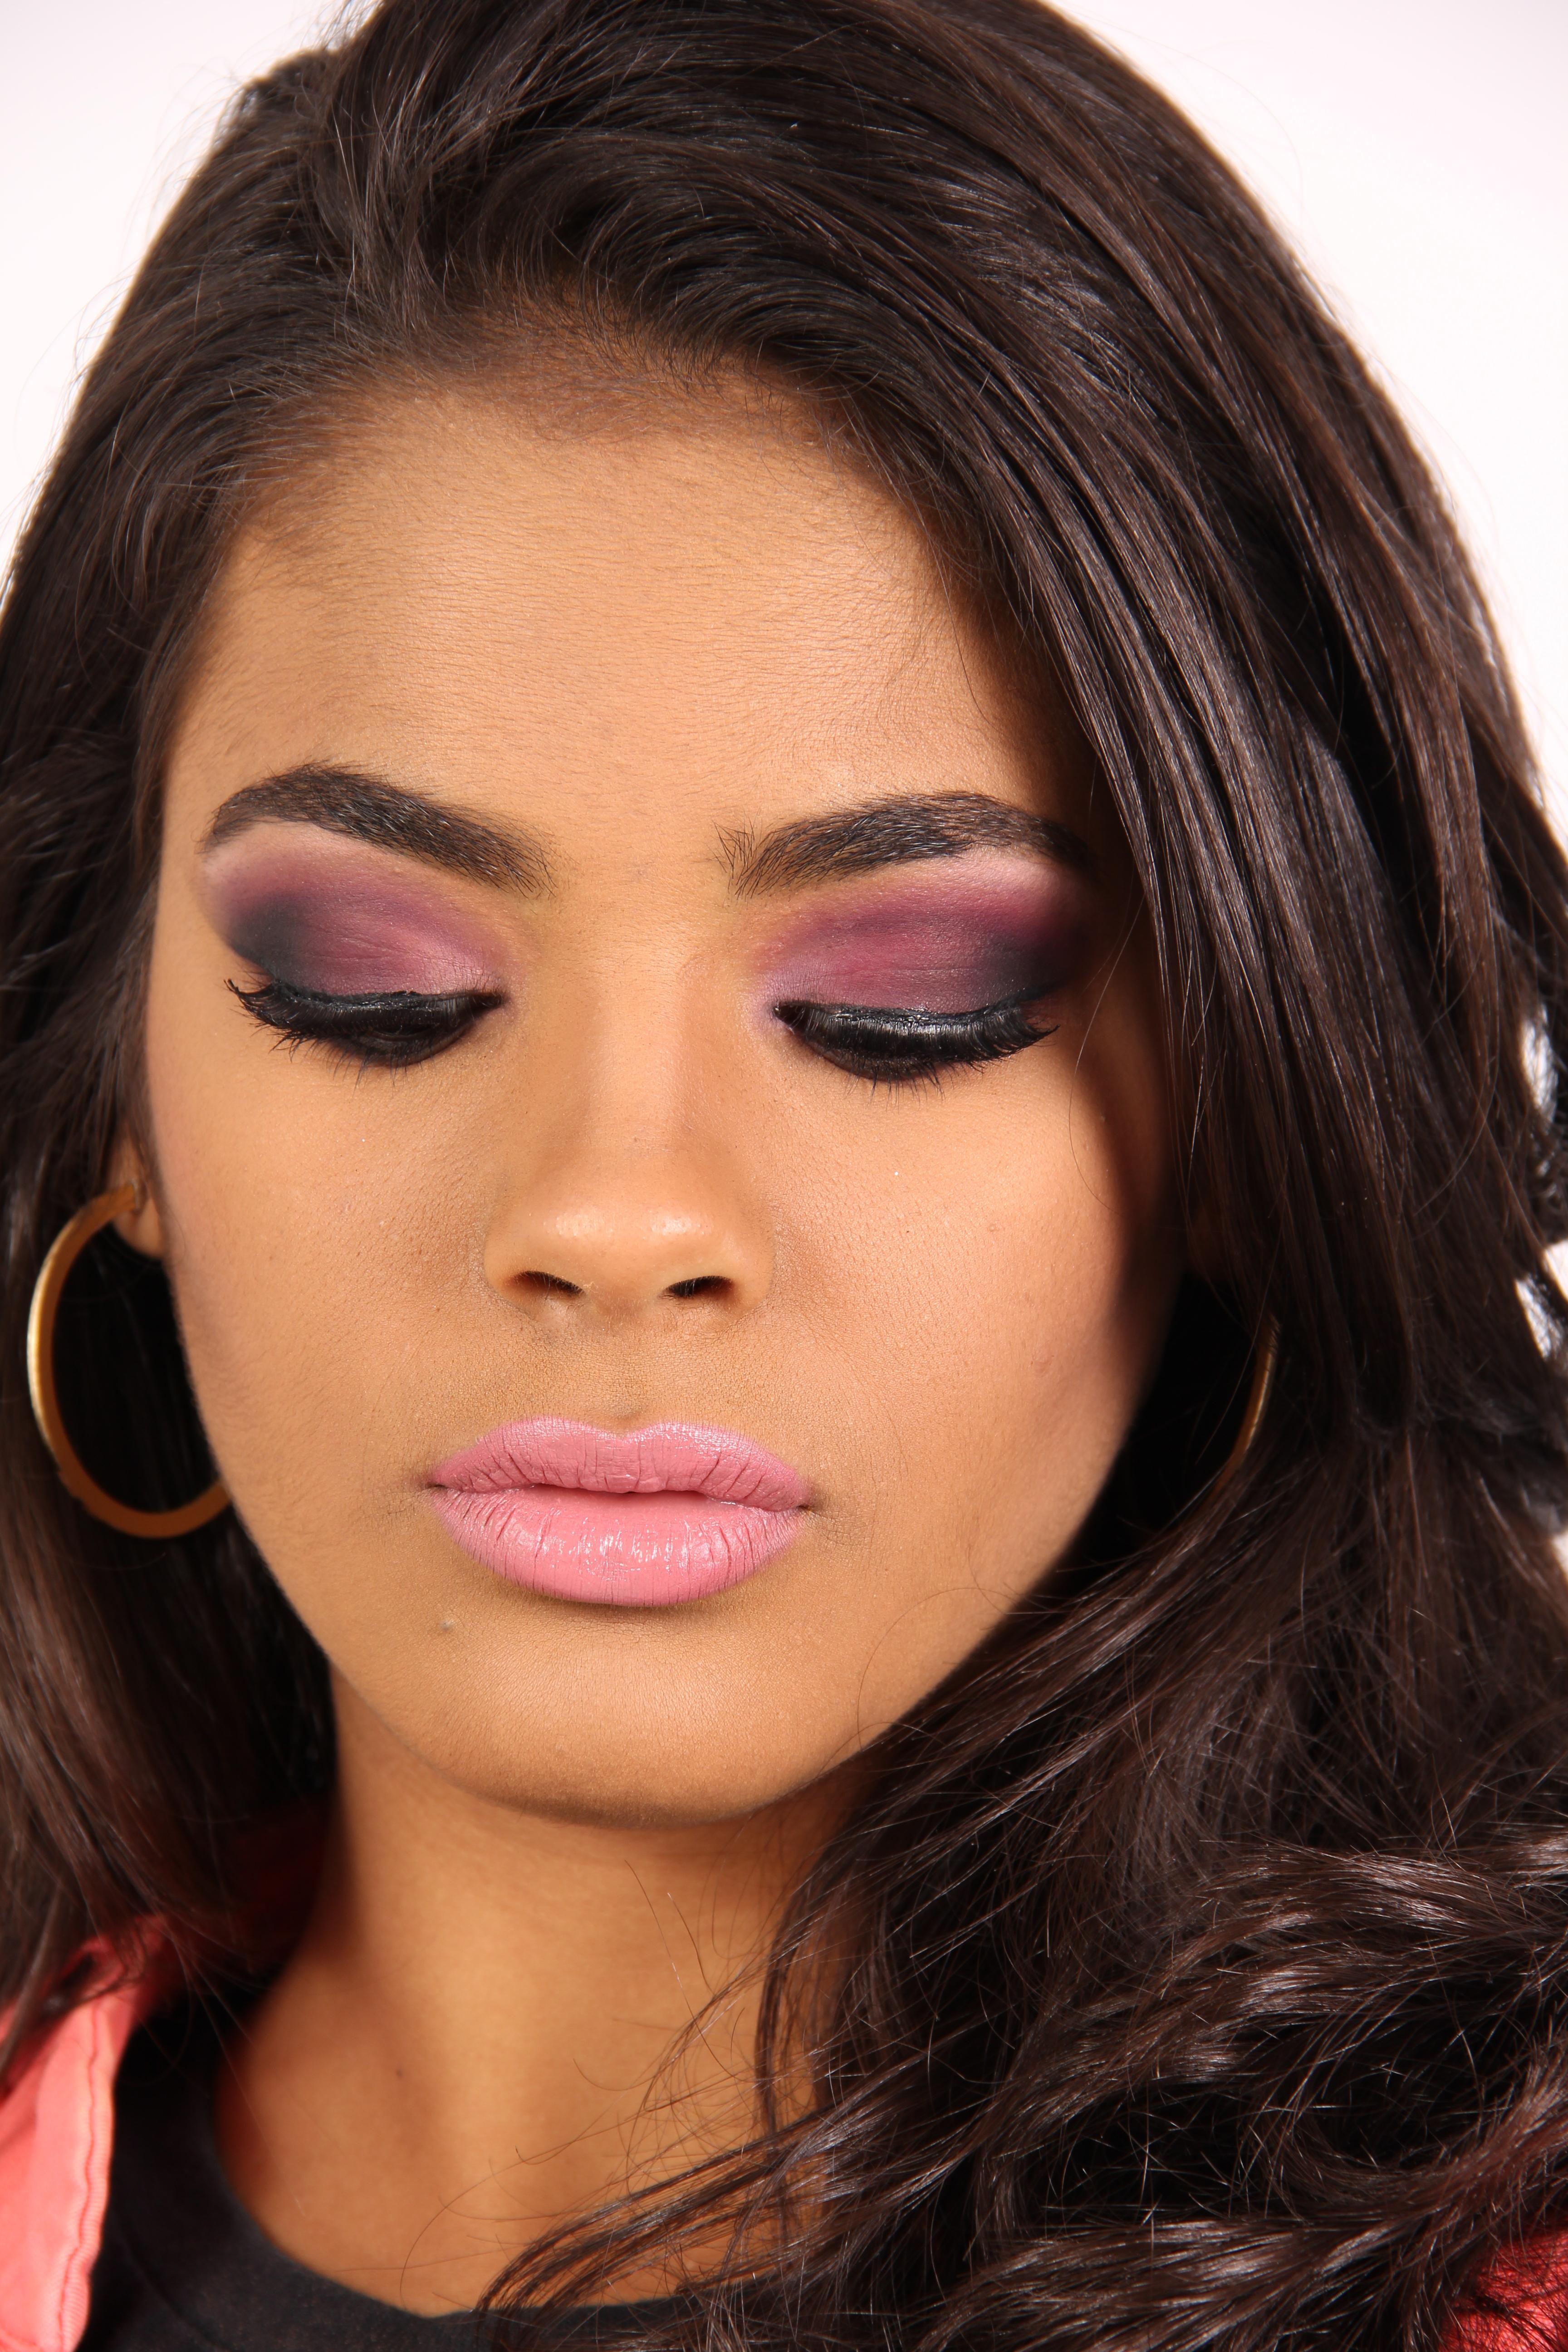 #maquiagem #maquiadora #makeuplover #beauty #beleza #catharinehill #ch #catharinehillmakeup  maquiador(a) assistente maquiador(a) designer de sobrancelhas